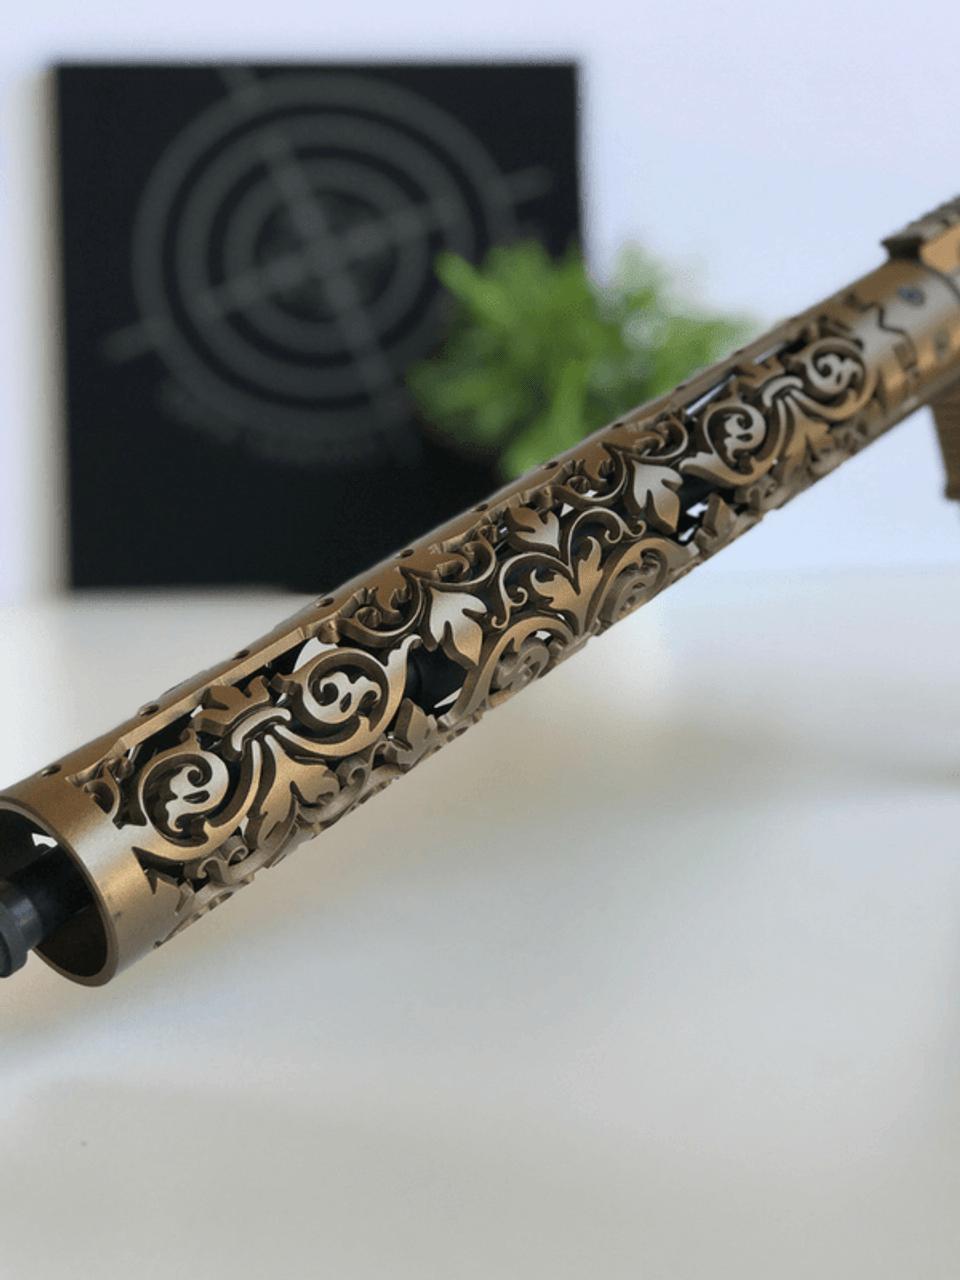 Fleur D' Lis Scroll AR15 Hand Guard / Rail